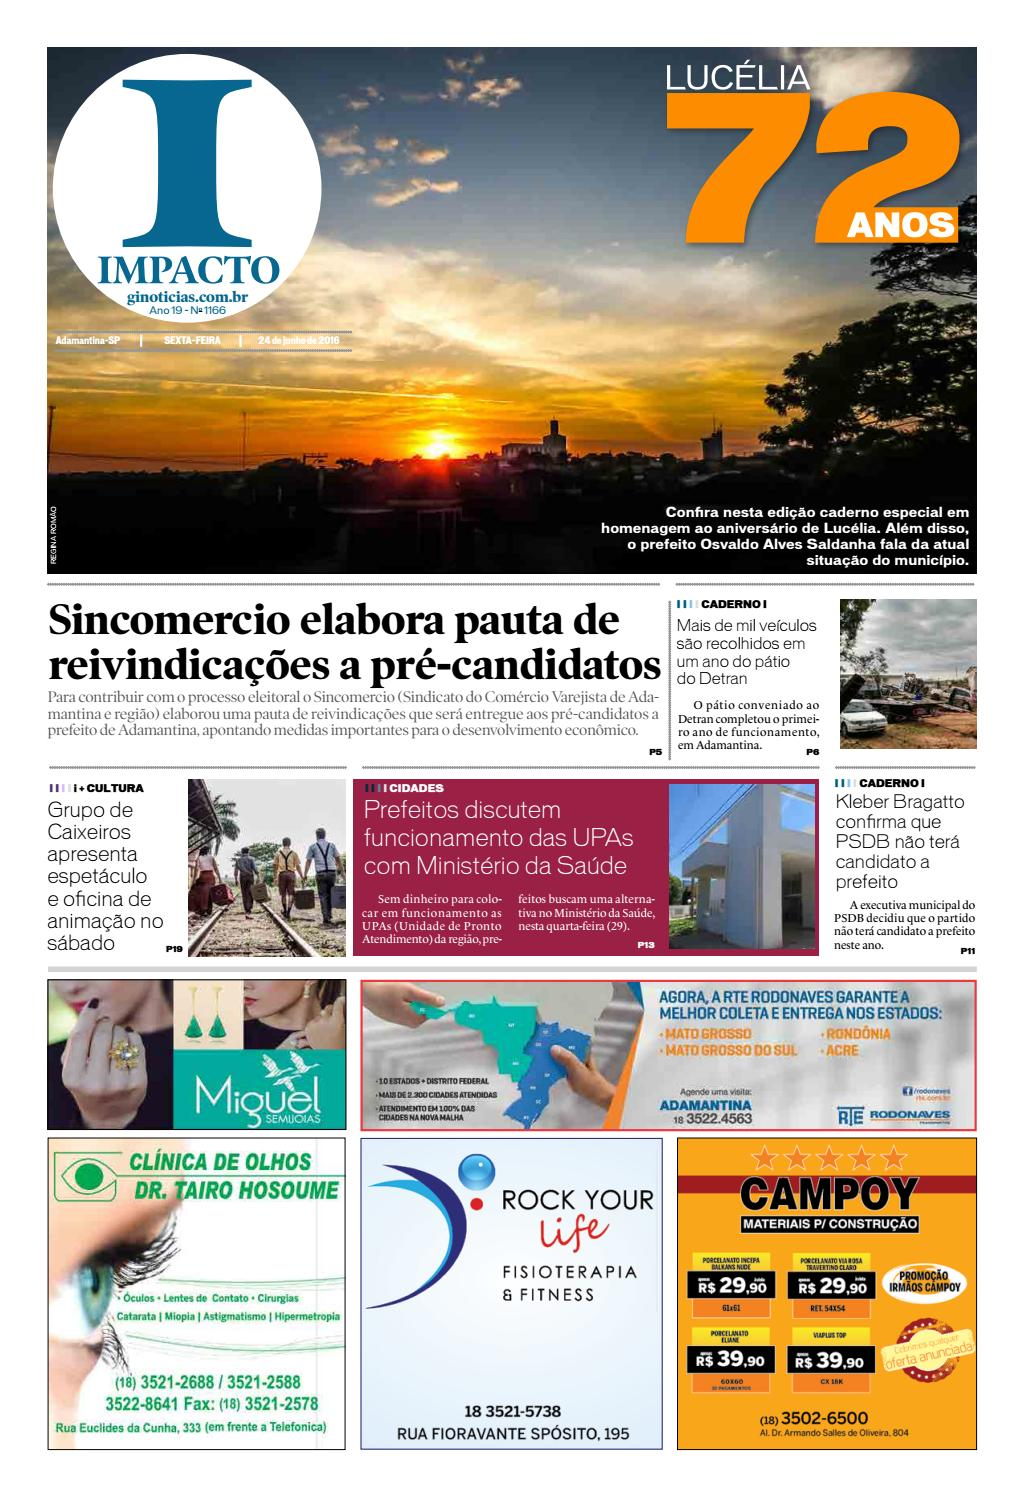 jornal impacto 24 06 2016 by impacto issuu4369 Curso Sebrae Online #17